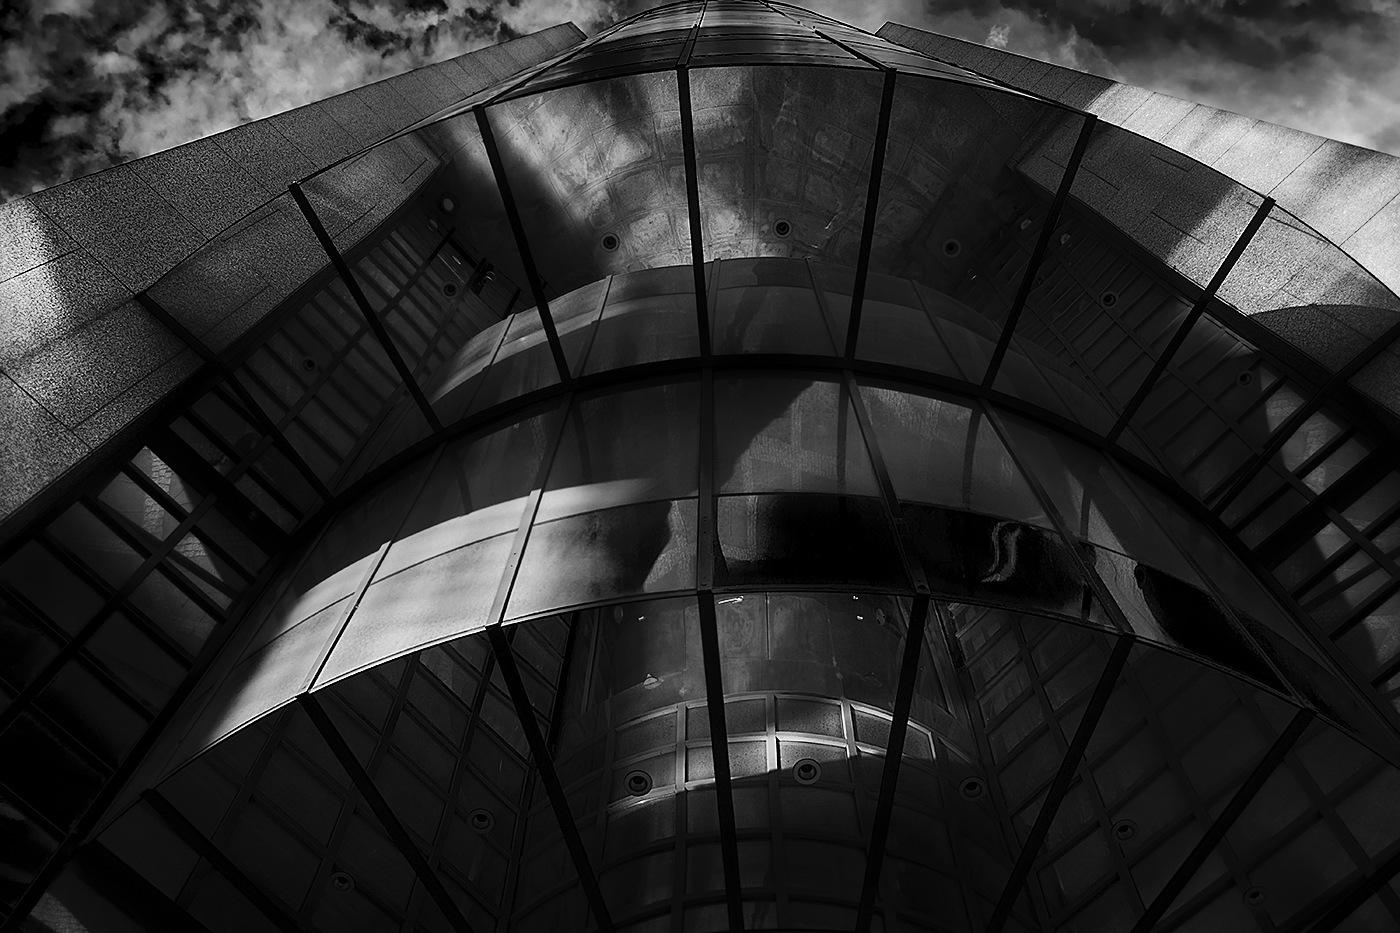 MainHattan #7 by Lorenzo Mangini